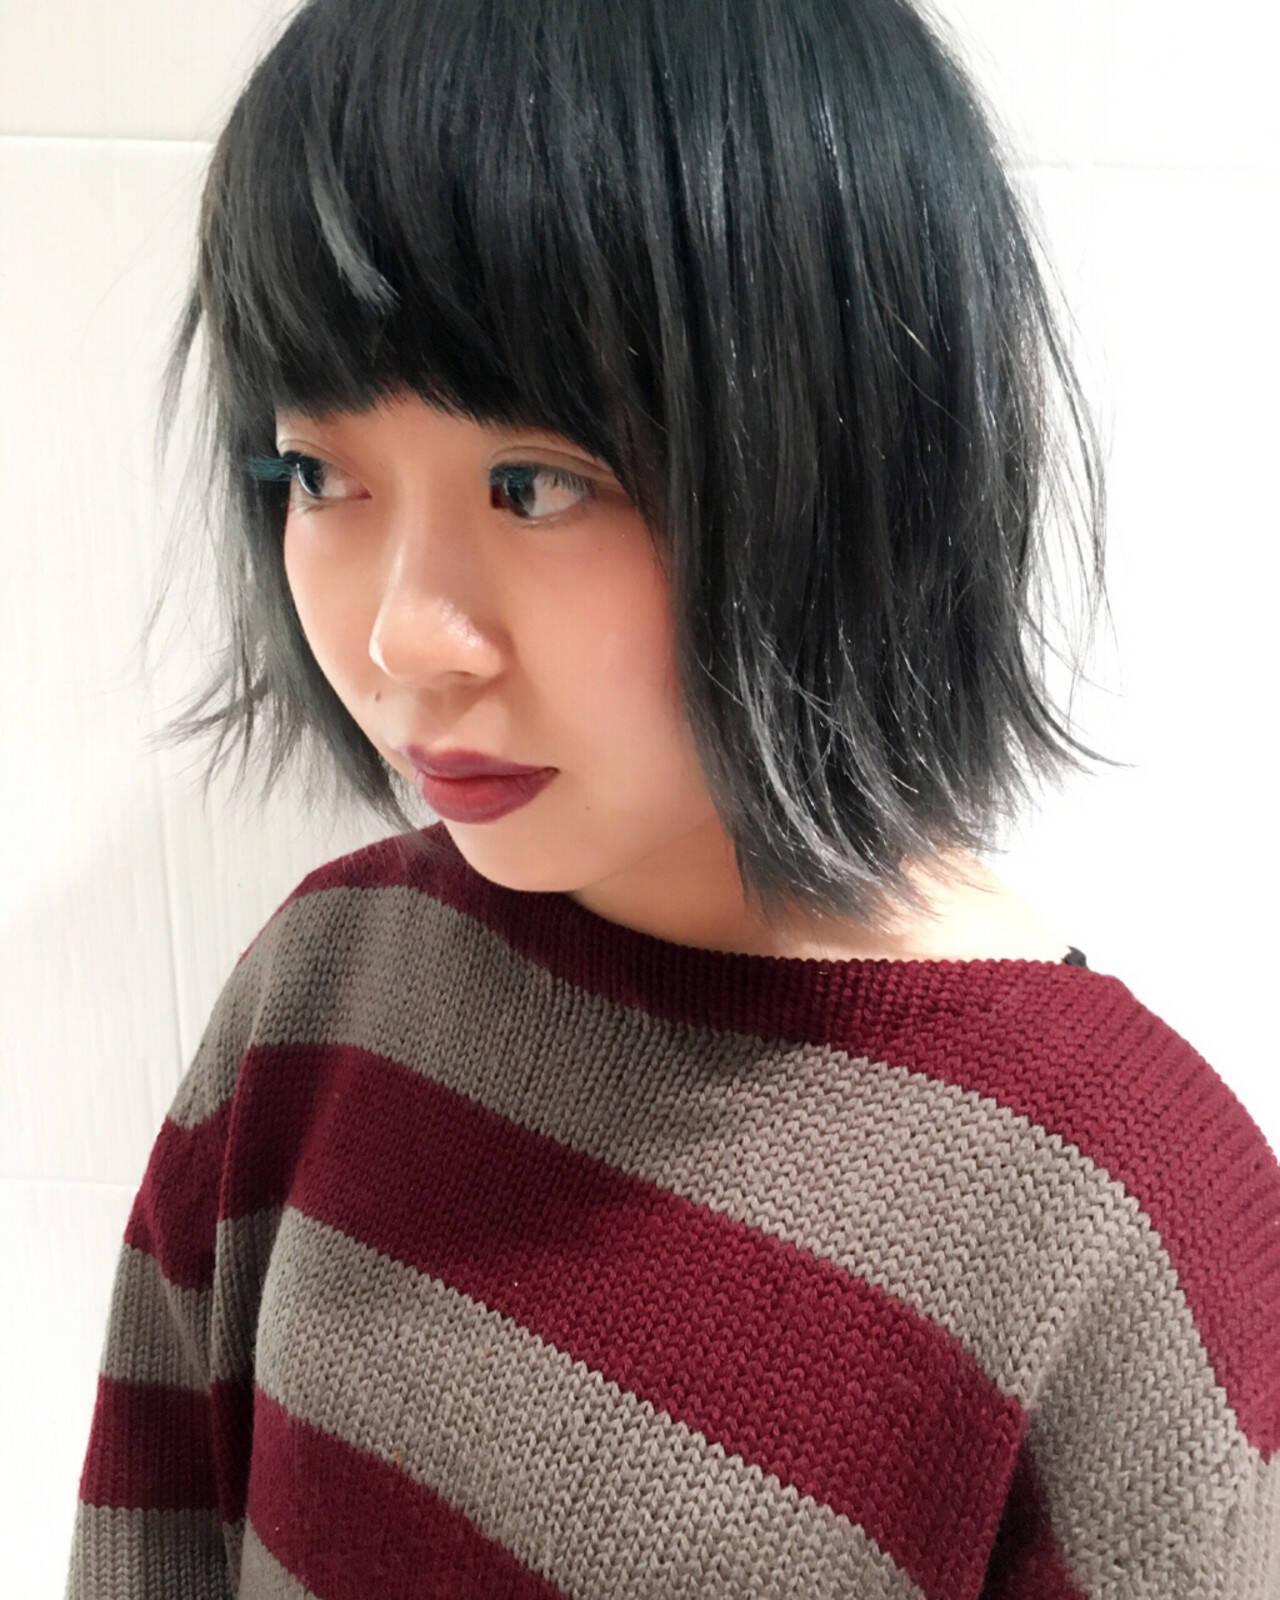 グラデーションカラー 暗髪 アッシュ 丸顔ヘアスタイルや髪型の写真・画像